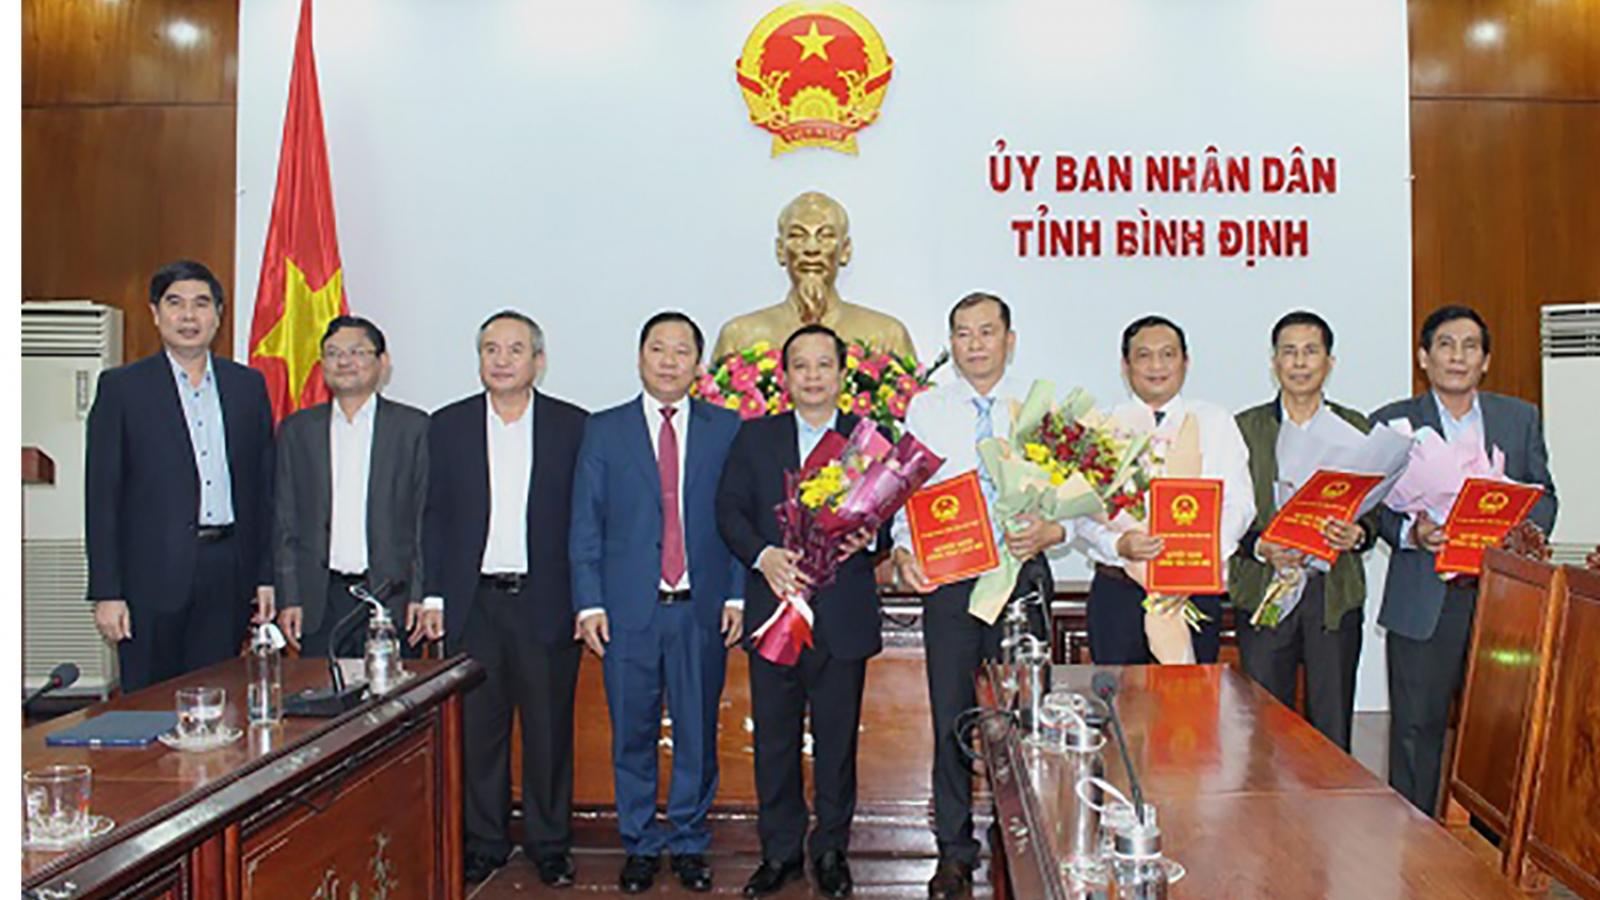 Giám đốc Đài PTTH Bình Định làm Phó Trưởng Ban Tổ chức Tỉnh ủy